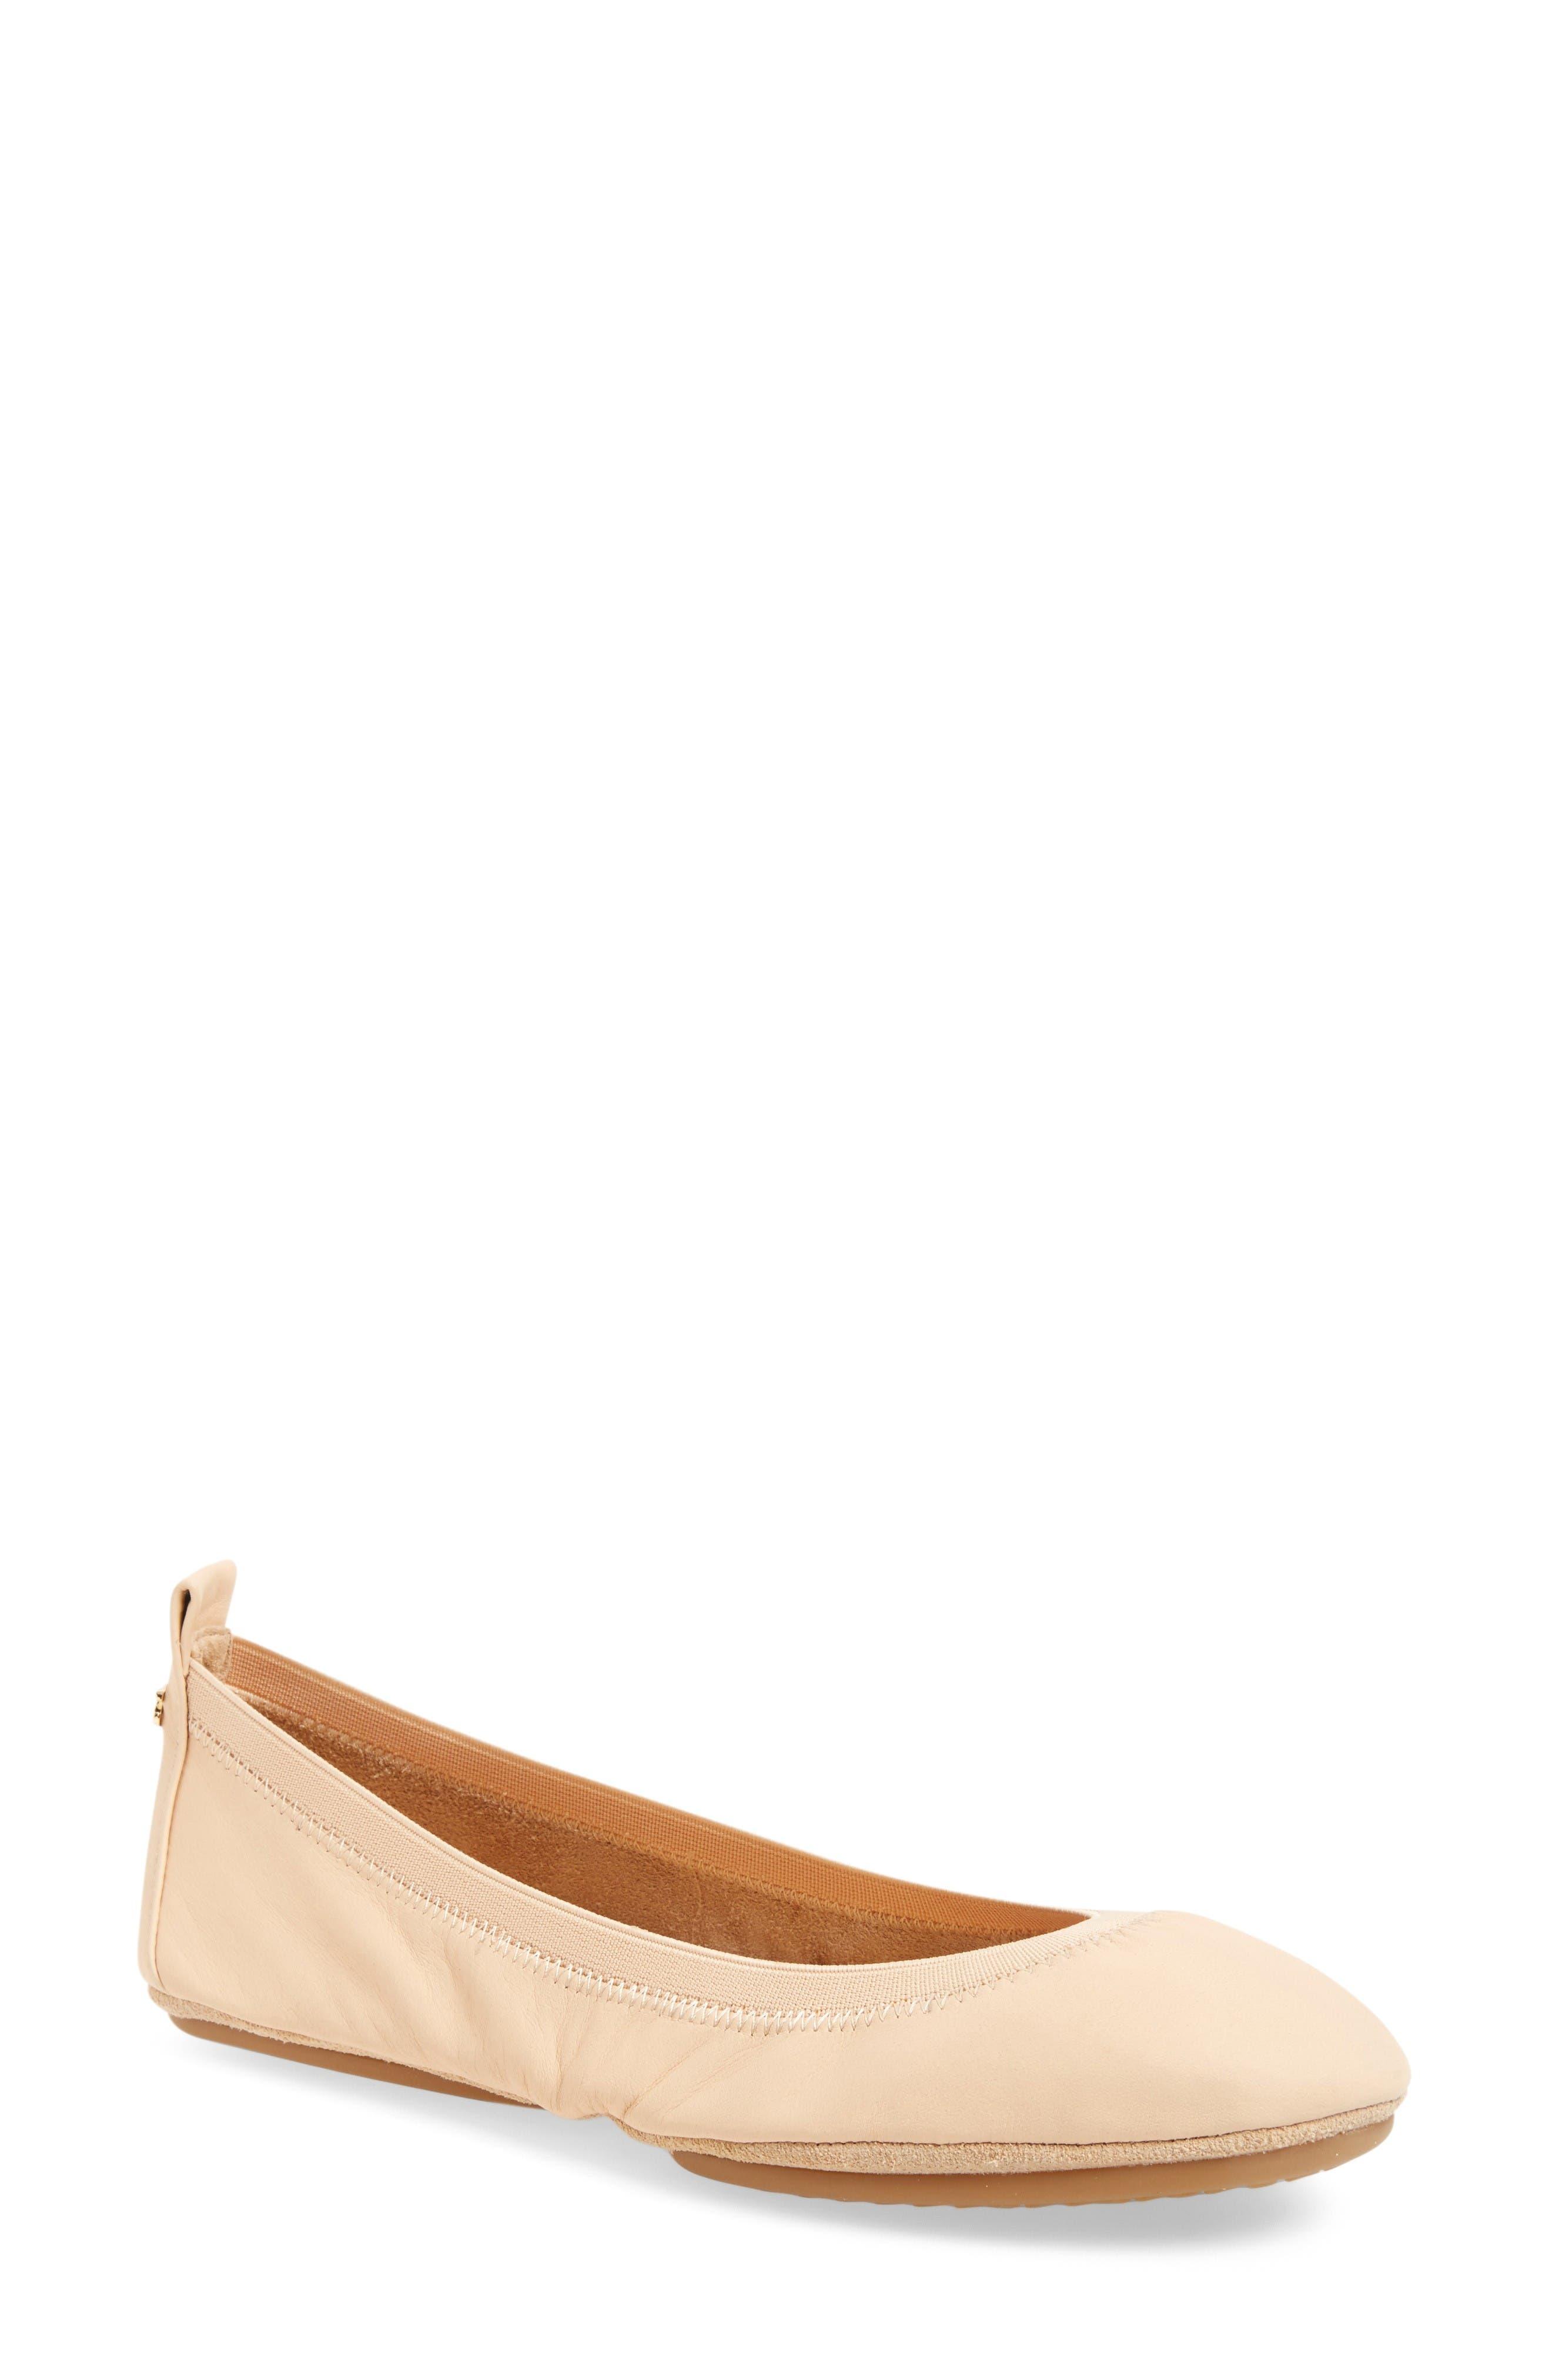 Yosi Samra Samara Foldable Ballet Flat (Women)